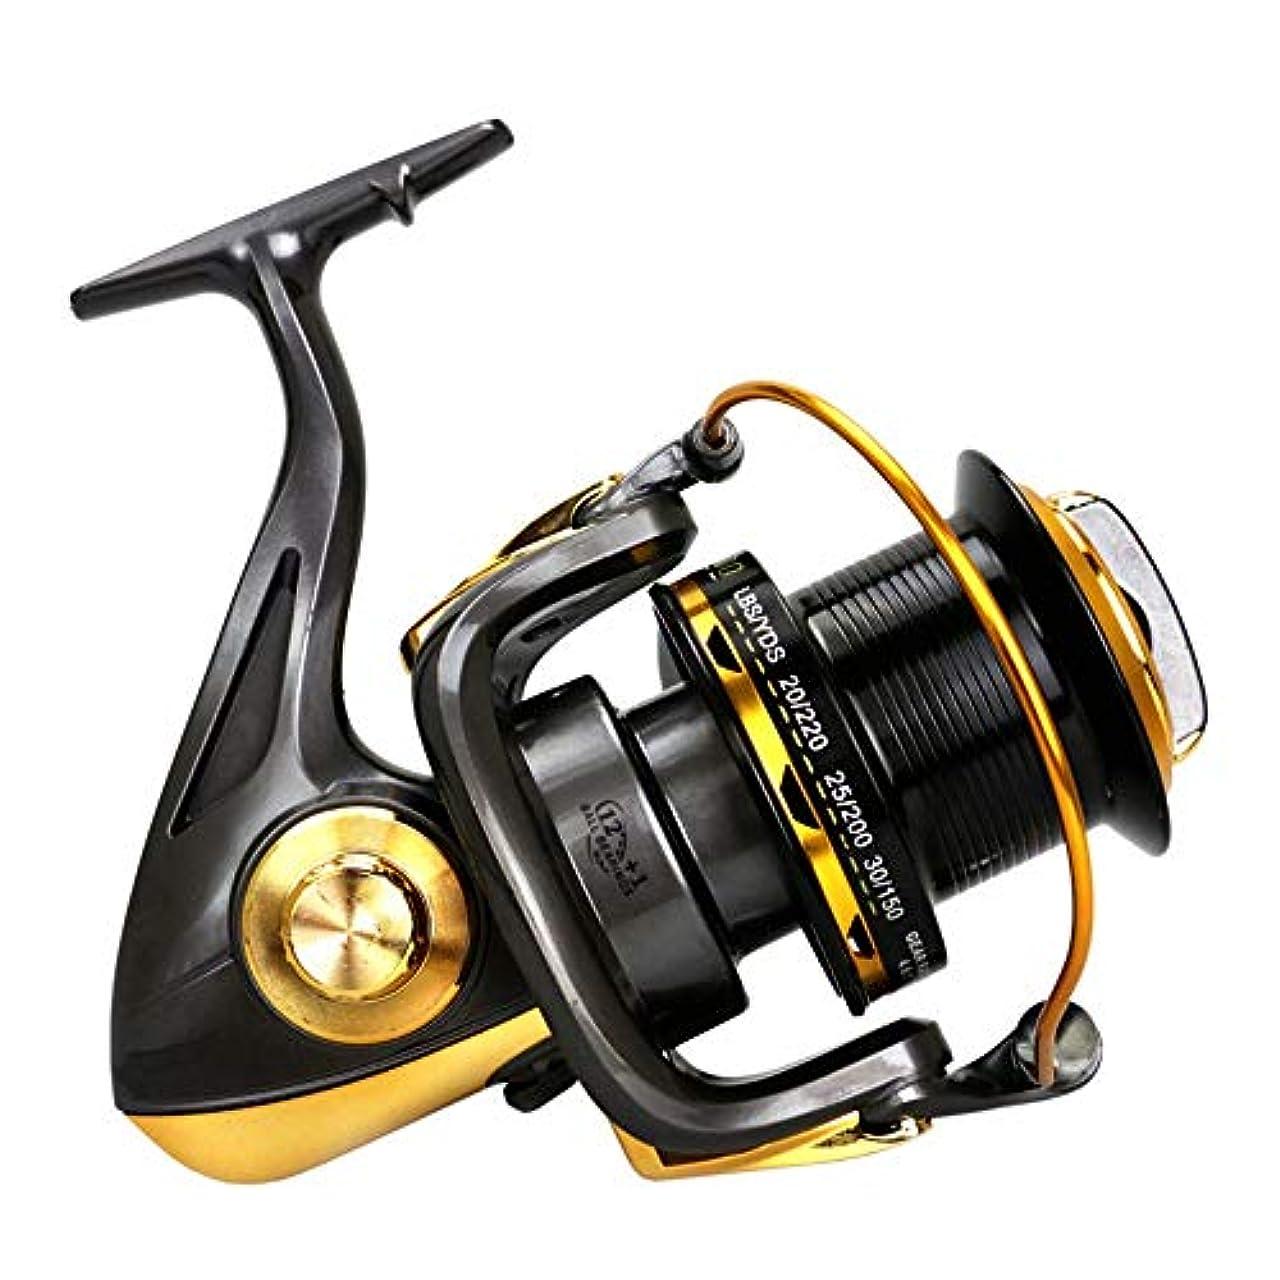 聖人気難しい針リール 釣りスピニングリール左右互換の光は、海水または淡水用リール釣りスムーズ スピニングリール (色 : Black, Size : 8000)